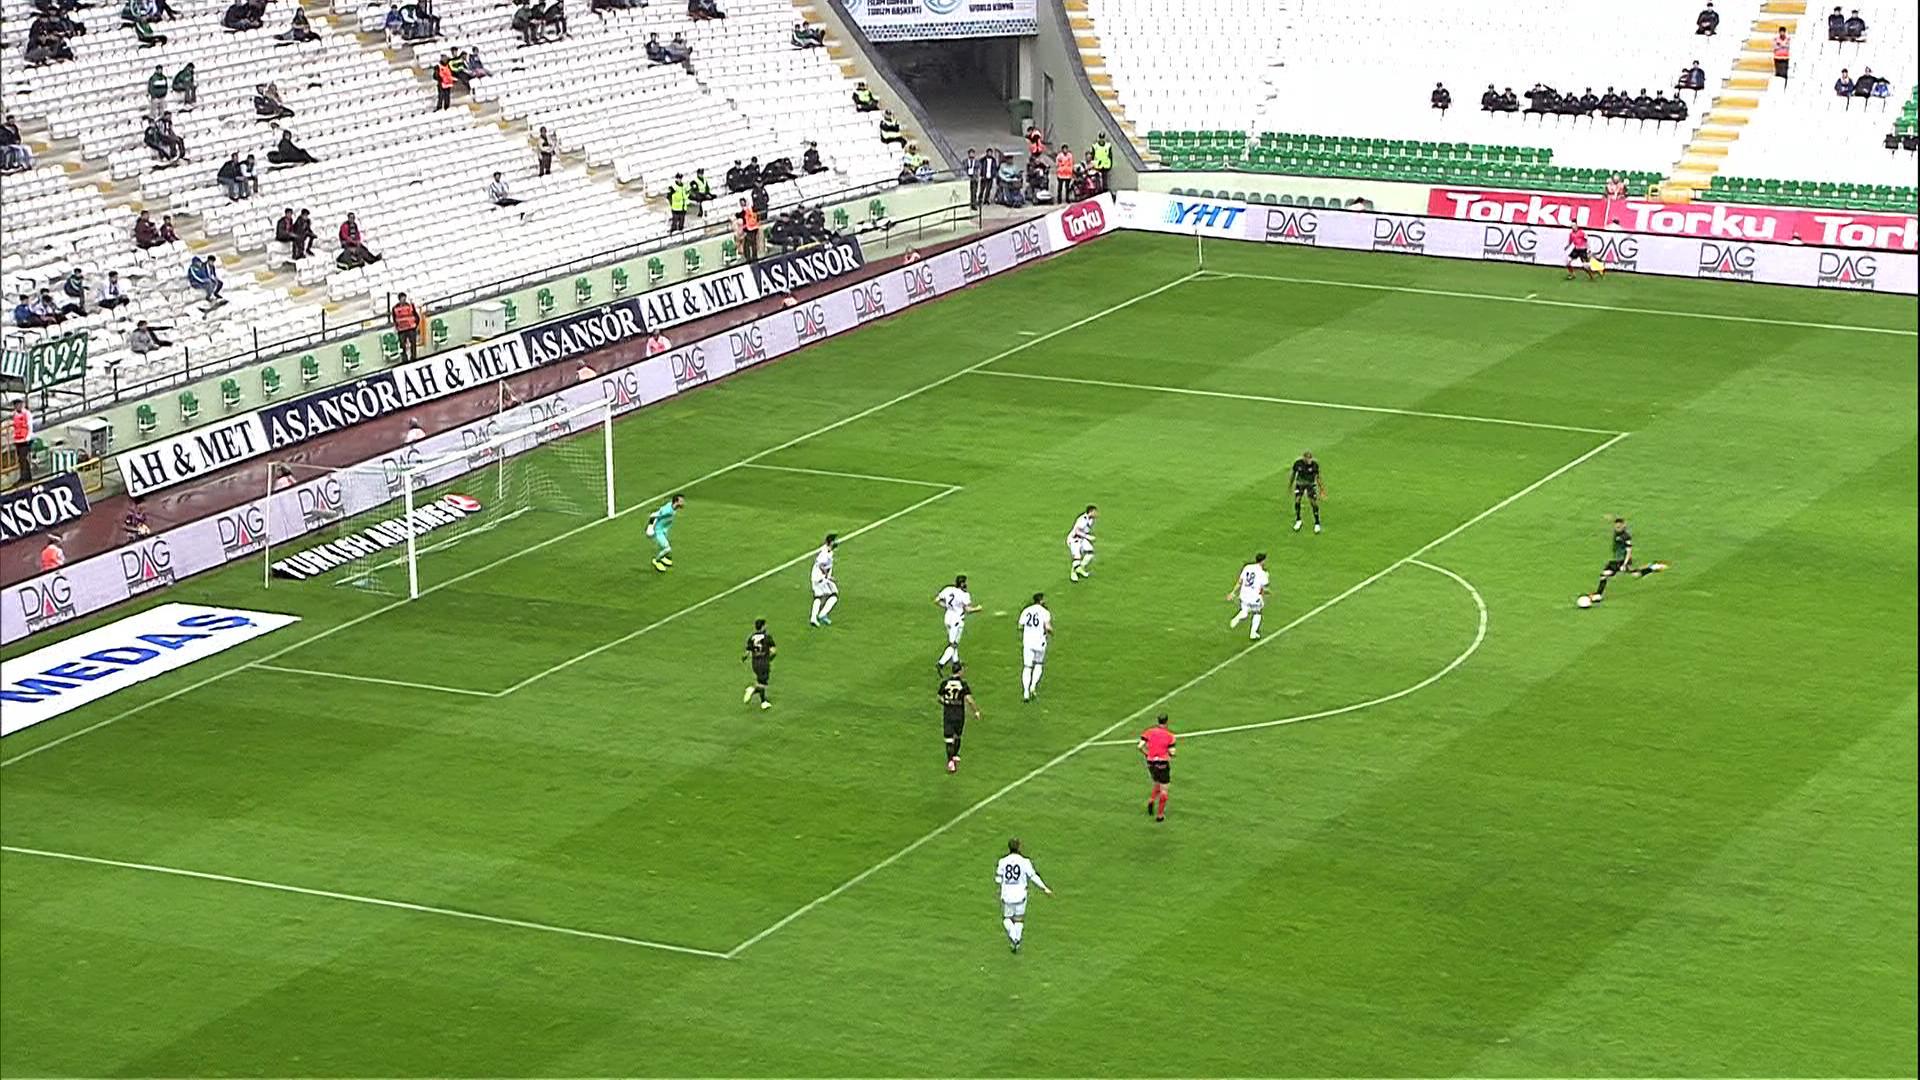 Atiker Konyaspor - Akhisar Bld.Spor